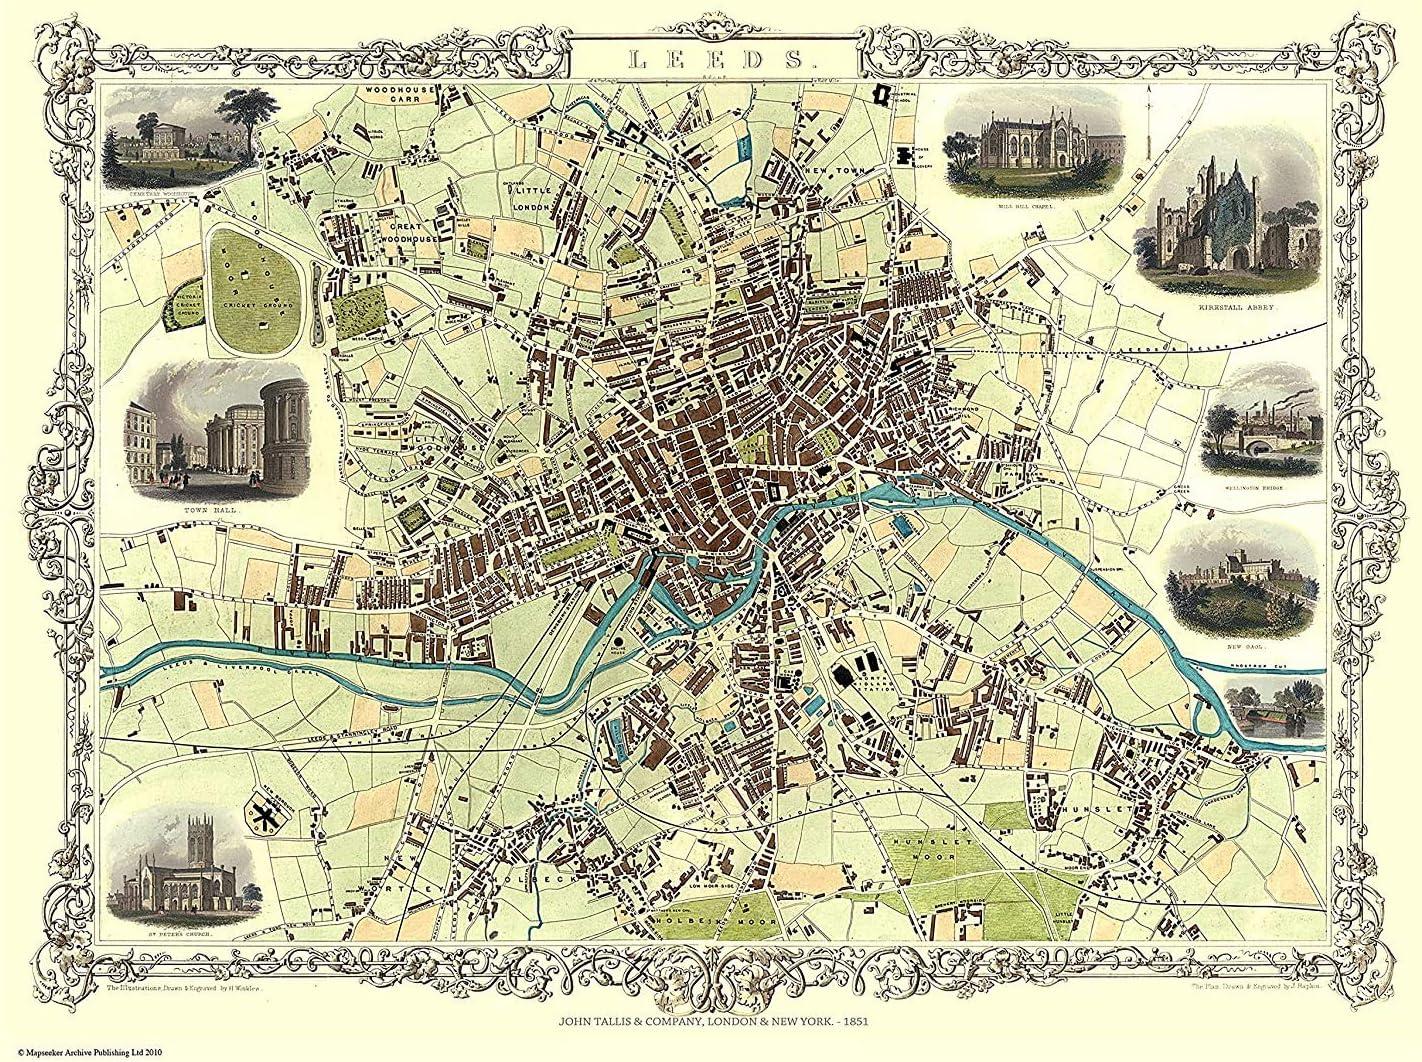 History Portal Edición Limitada 1000 Piezas Puzle Rompecabezas -Mapa del Leeds 1851 por John Tallis: Amazon.es: Juguetes y juegos